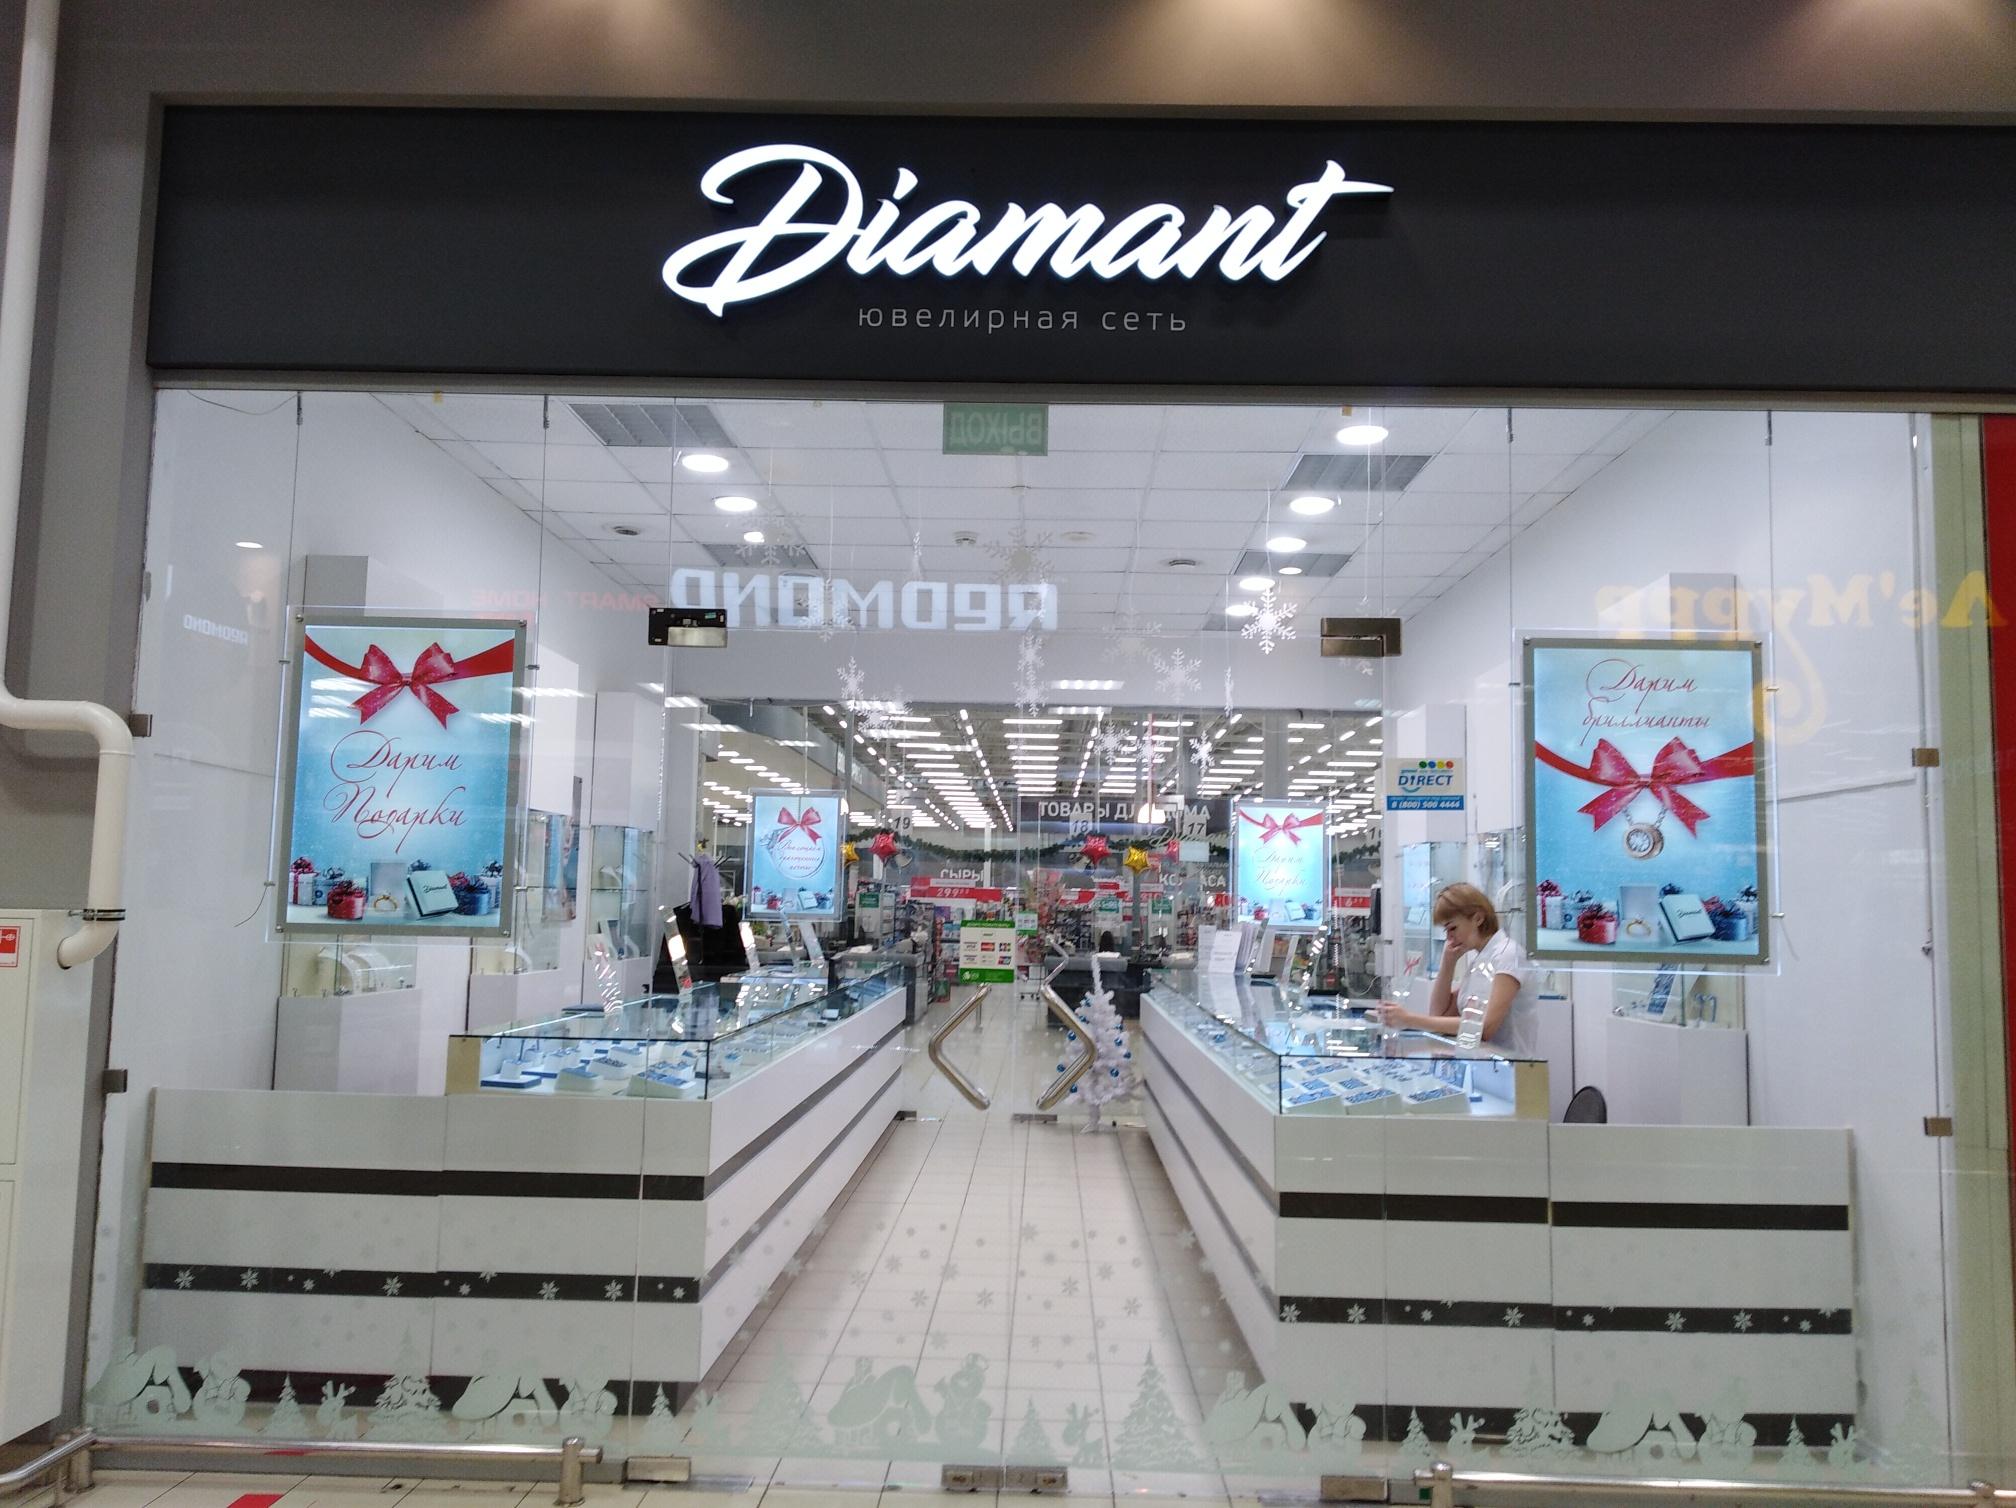 Магазин Diamant расположен в ТК Электра в Санкт-Петербурге